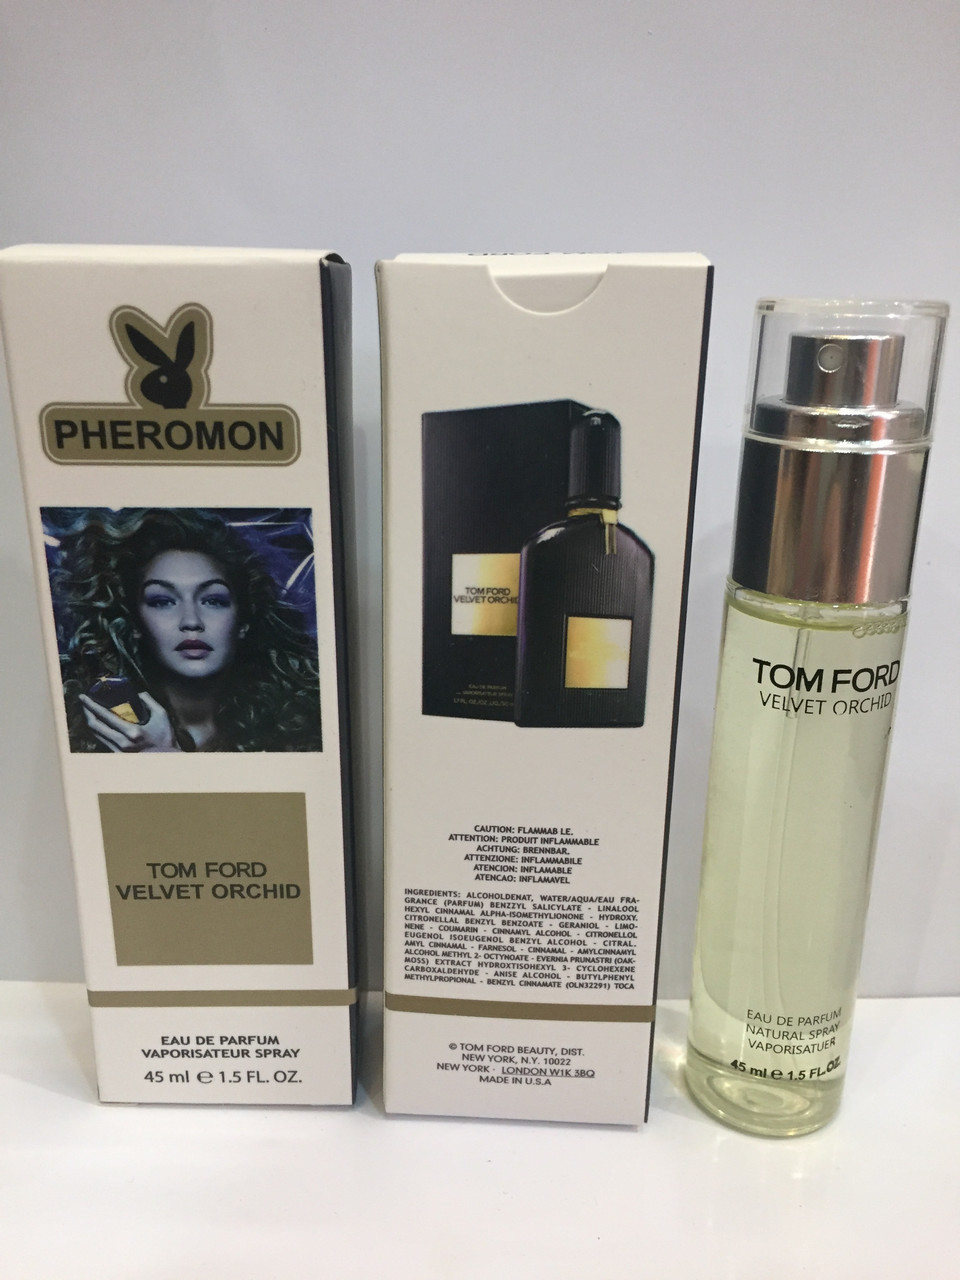 Мини парфюм женский с феромонами Tom Ford Velvet Orchid (Том Форд Вельвет Орхид) 45 мл